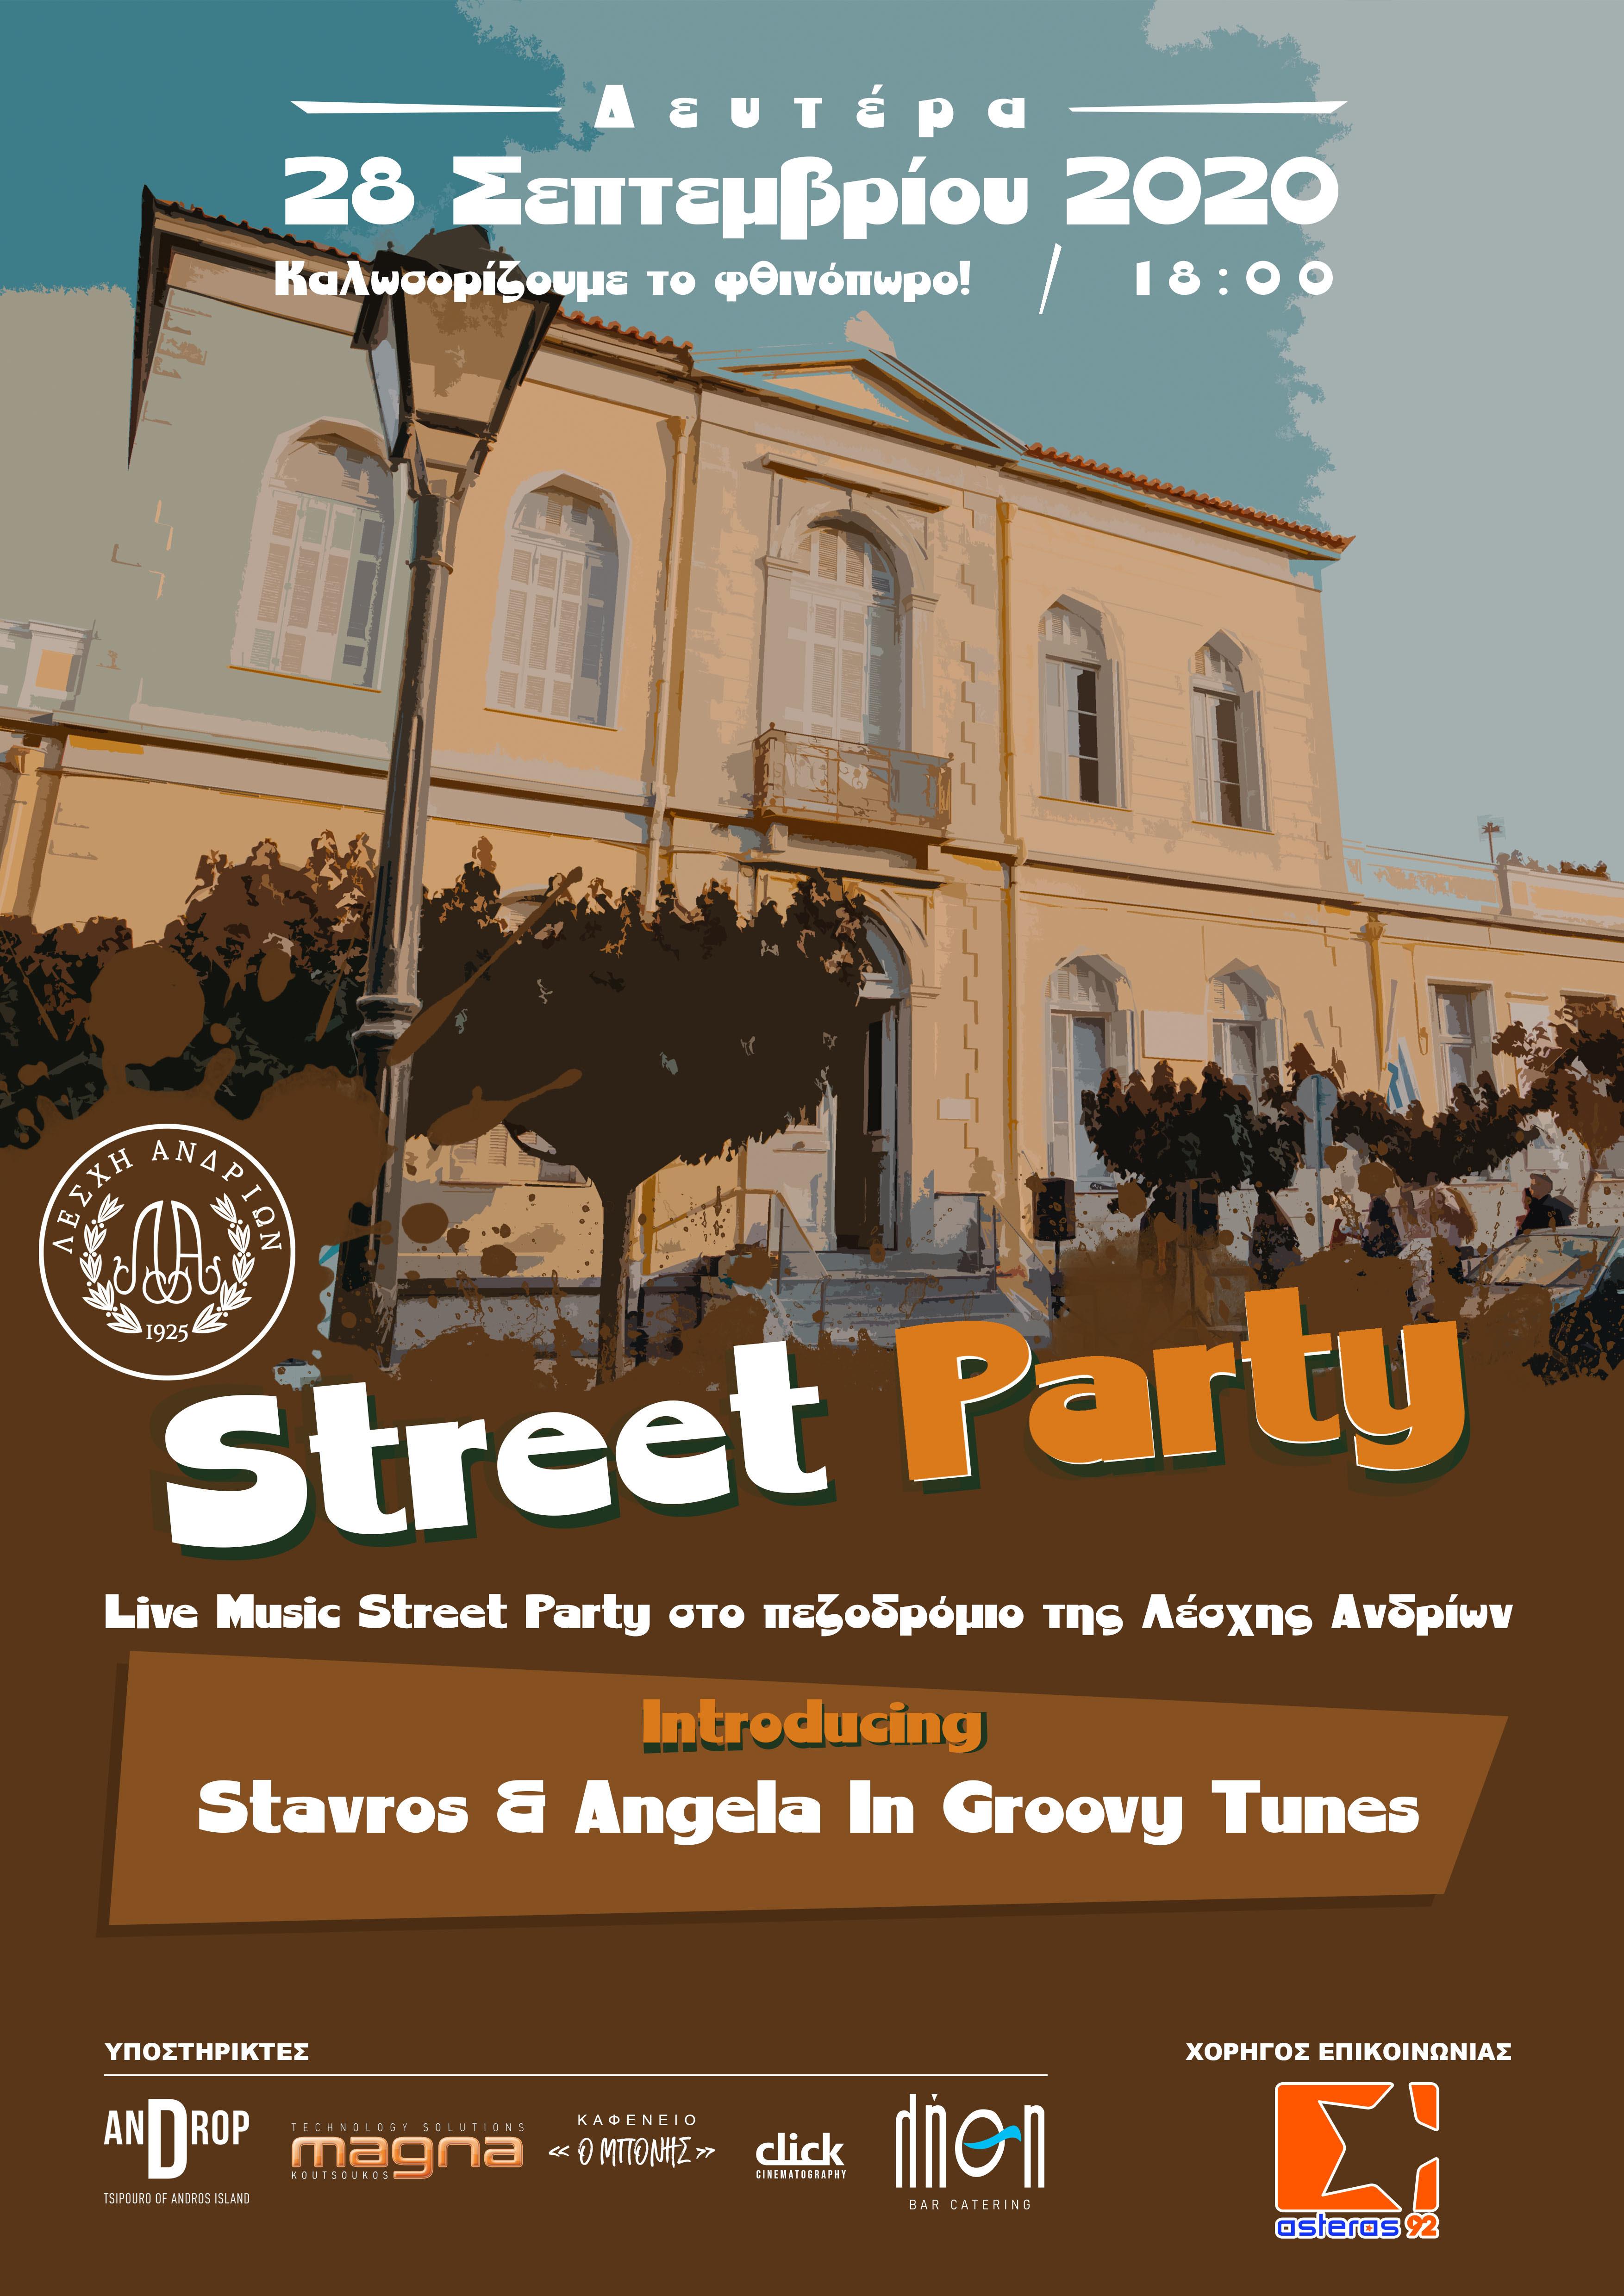 Η Λέσχη Ανδρίων καλωσορίζει το Φθινόπωρο με Street Party